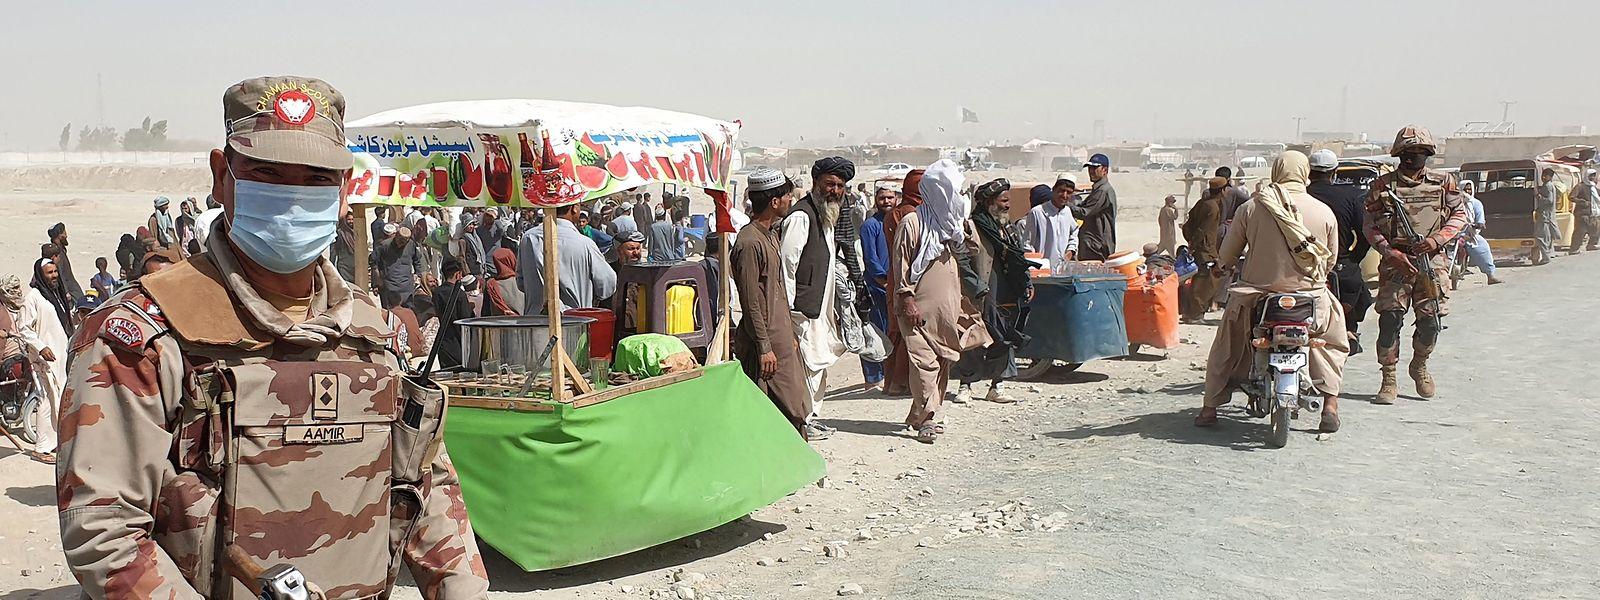 Seit dem Beginn des Abzugs der US- und Nato-Truppen Anfang Mai haben die Taliban mehrere Offensiven in dem Land gestartet.